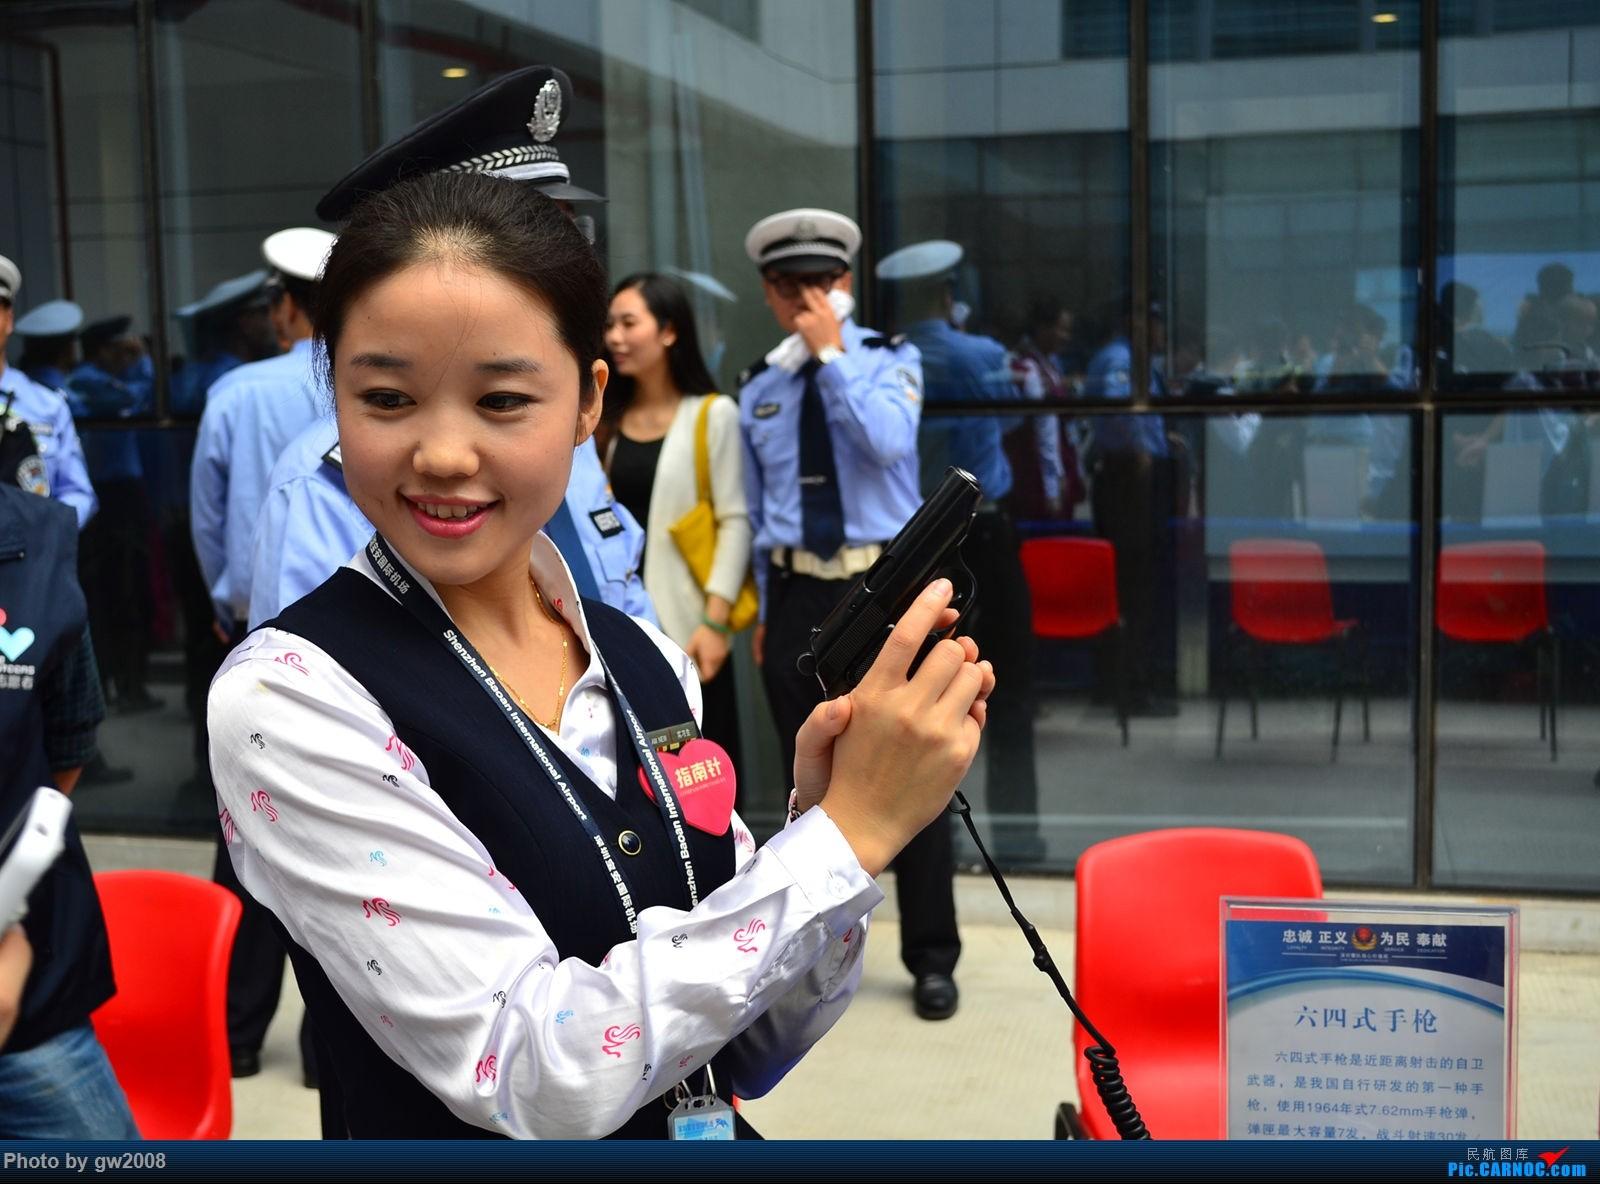 深圳机场警察开放日的美女们